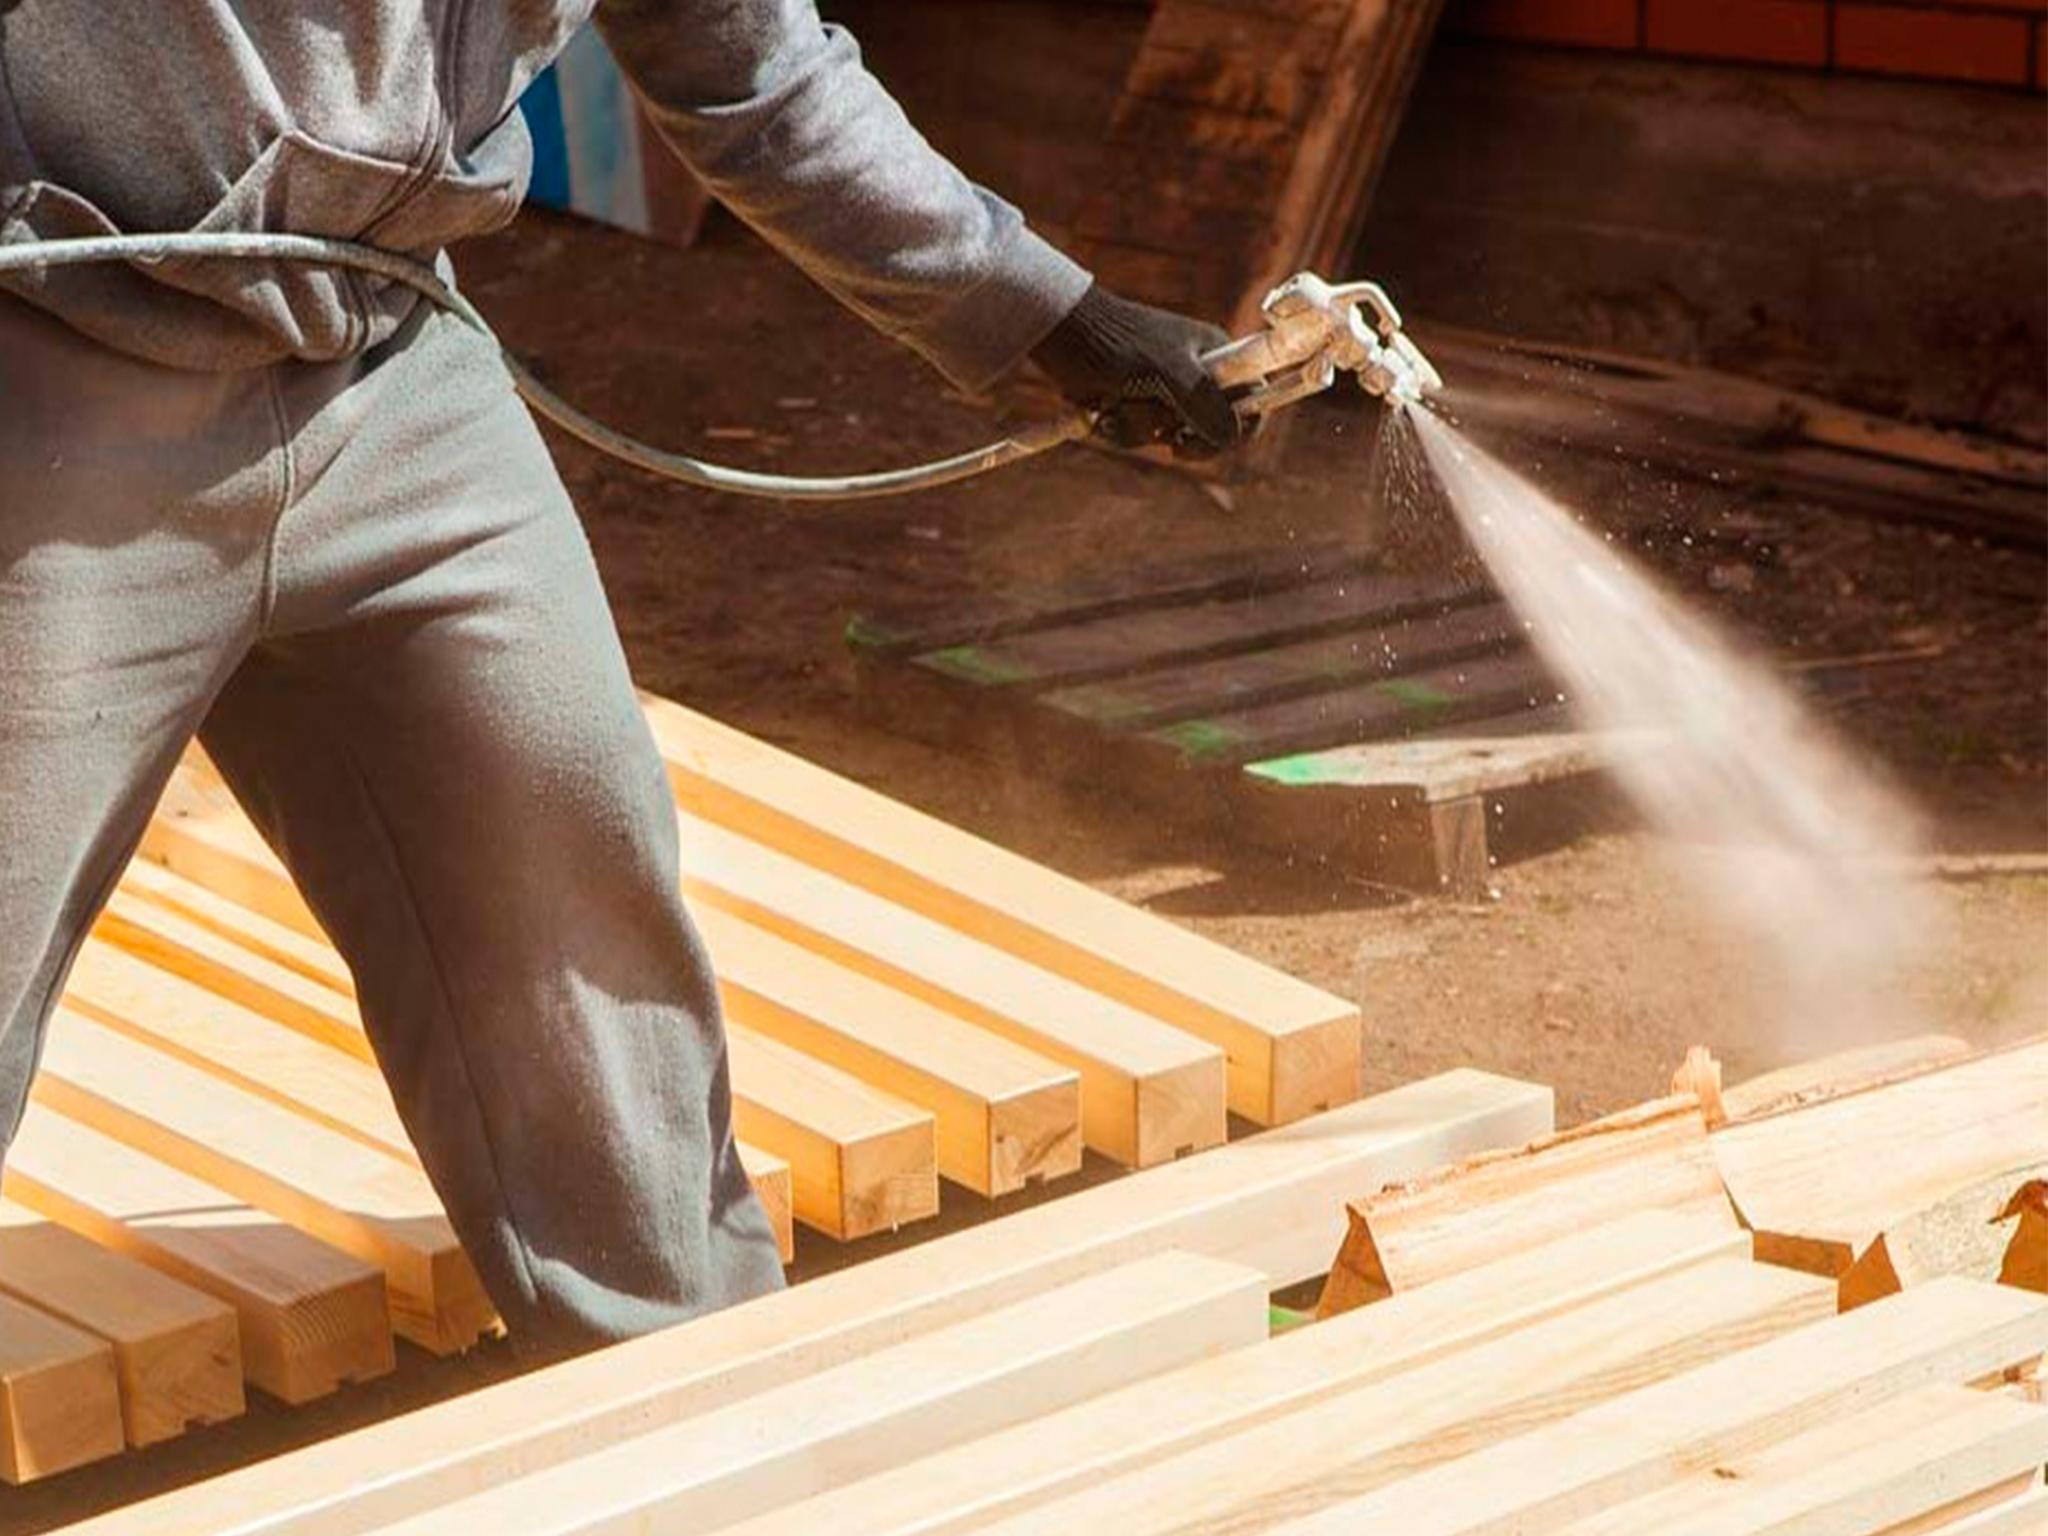 средство для защиты древесины от плесени